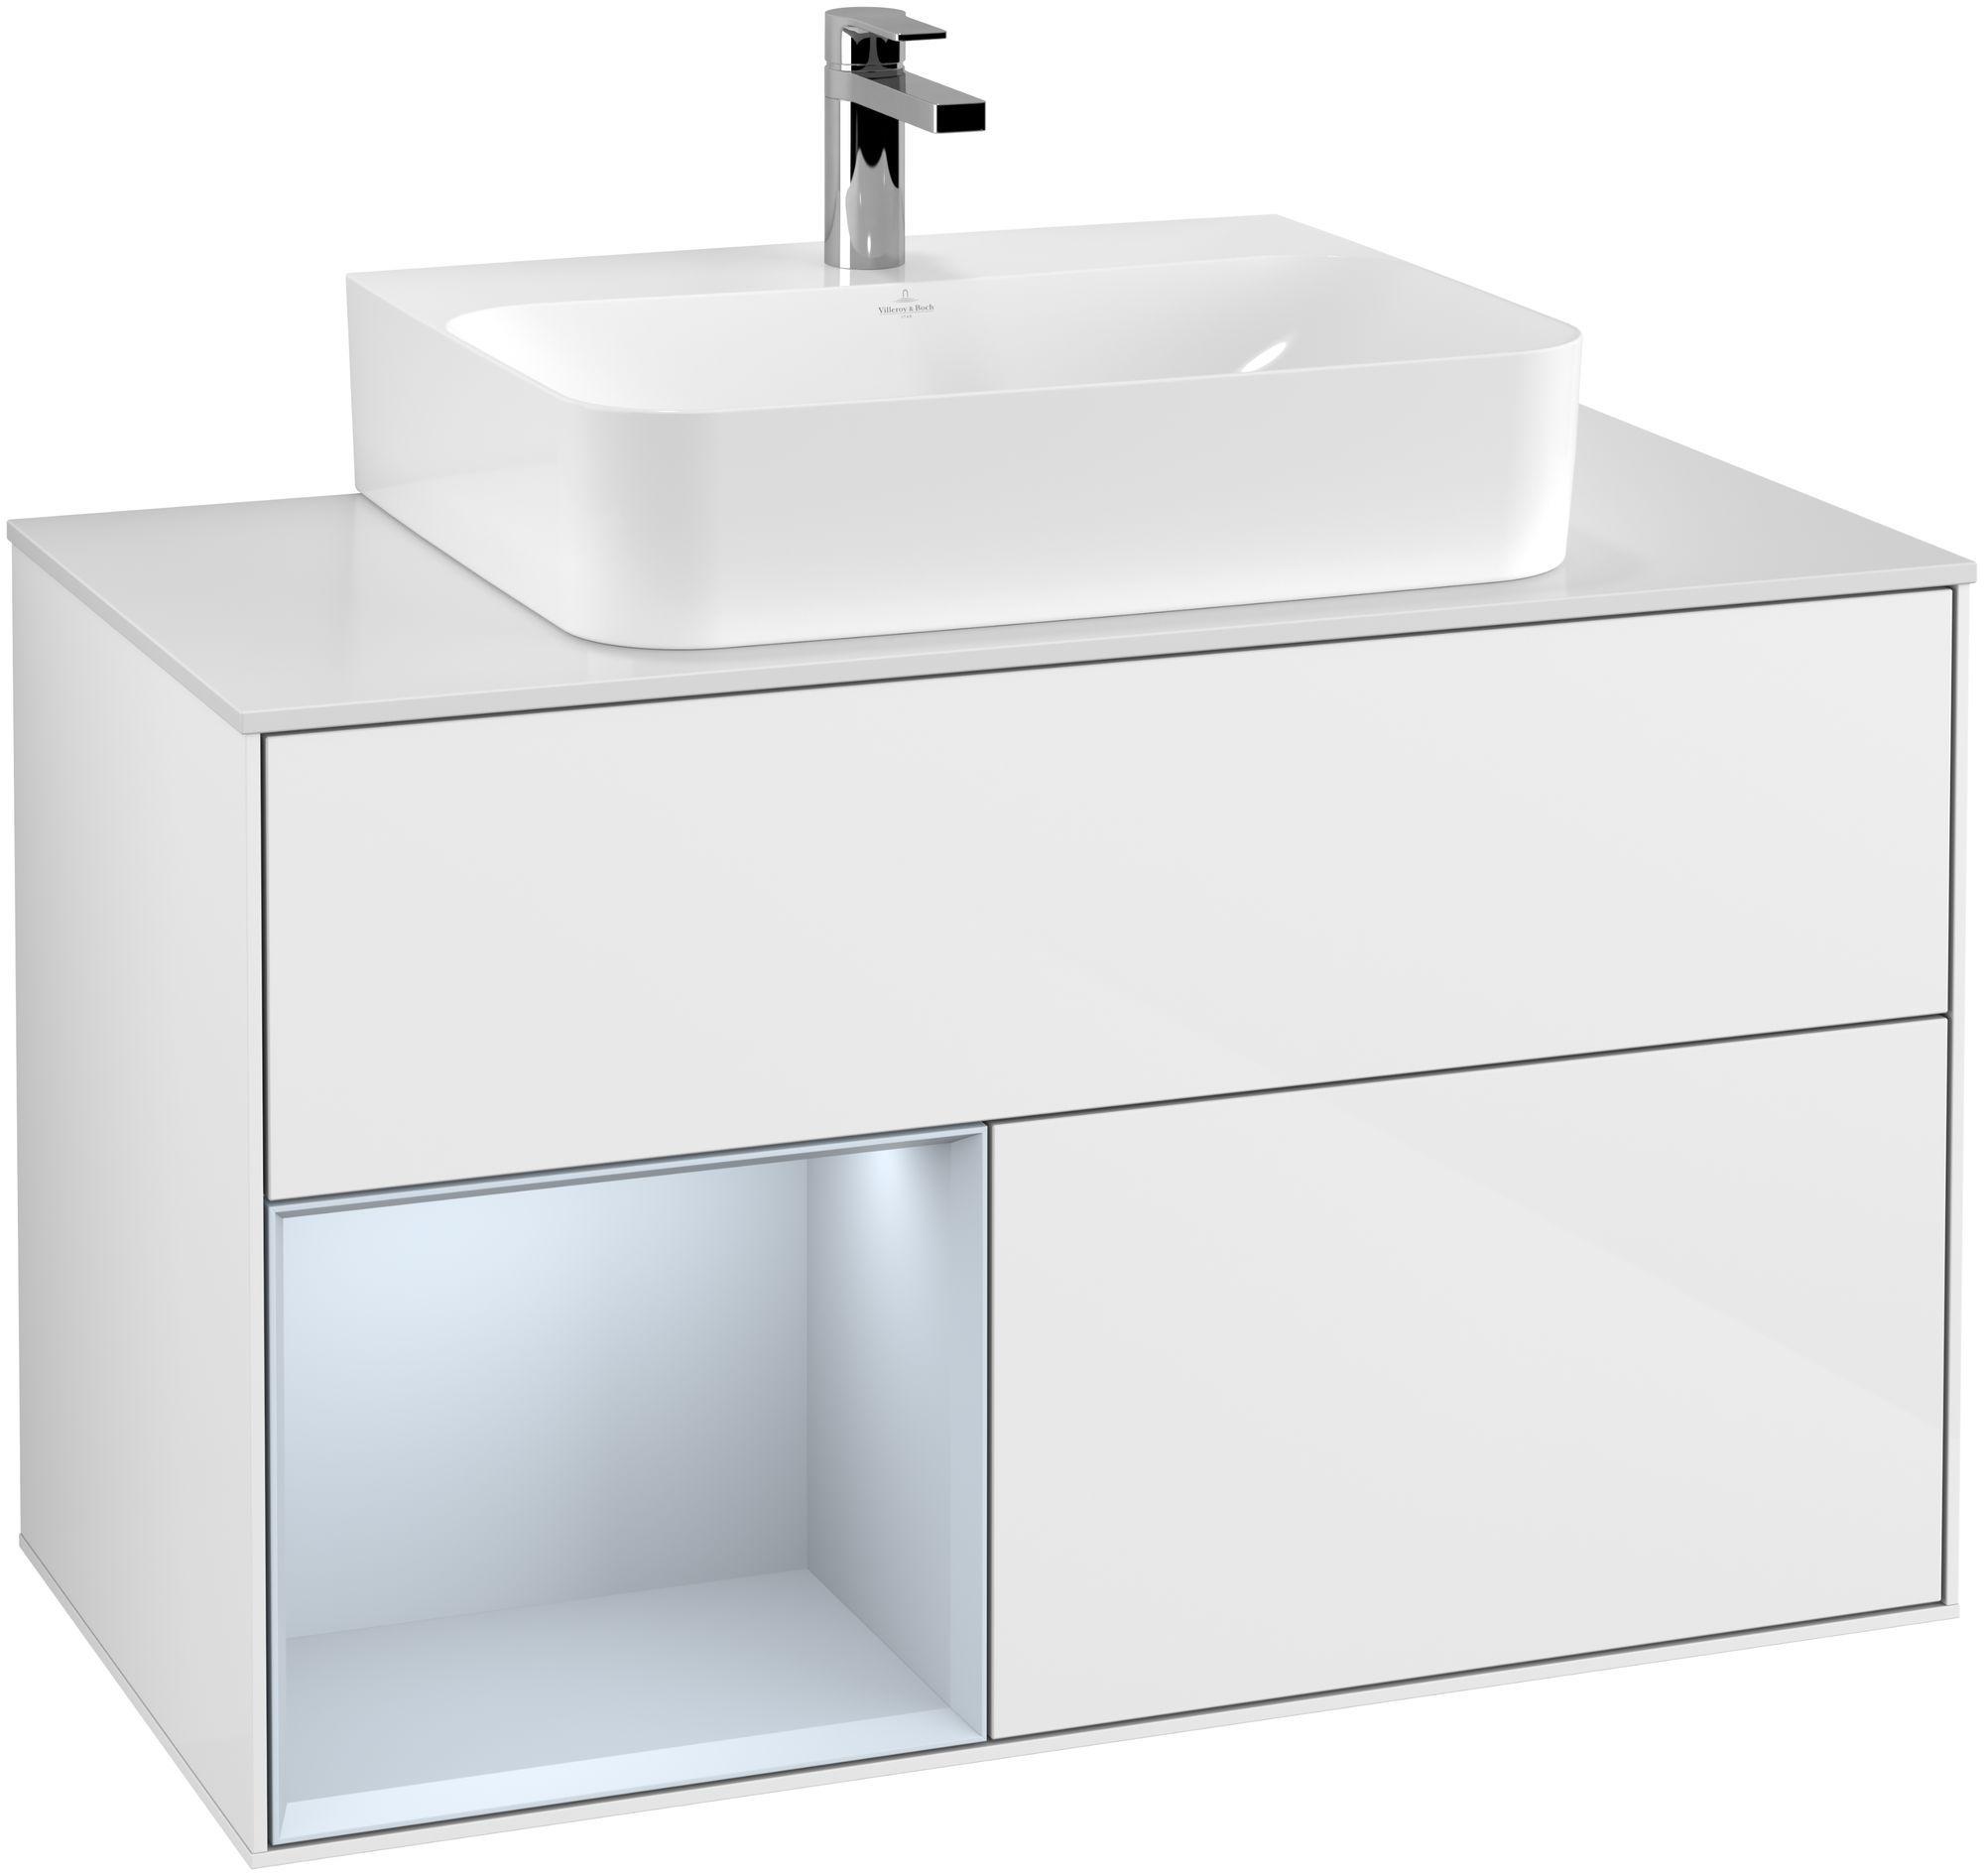 Villeroy & Boch Finion F11 Waschtischunterschrank mit Regalelement 2 Auszüge für WT mittig LED-Beleuchtung B:100xH:60,3xT:50,1cm Front, Korpus: Glossy White Lack, Regal: Cloud, Glasplatte: White Matt F111HAGF